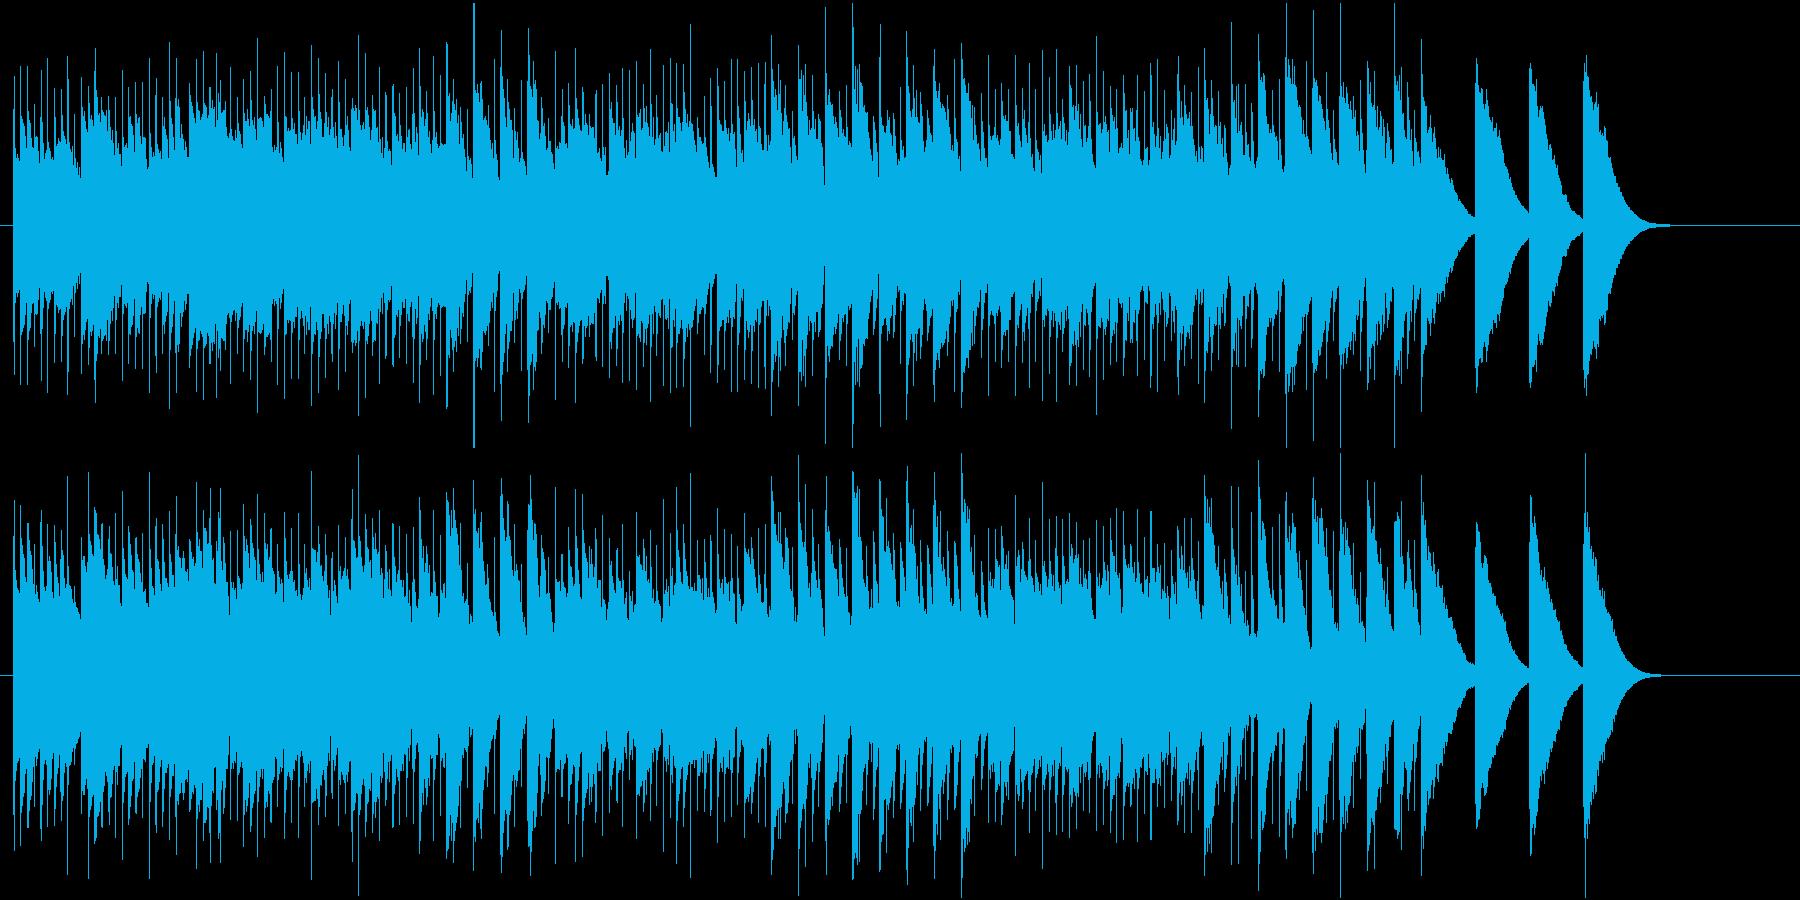 幻想的な異空間のオルゴールの再生済みの波形